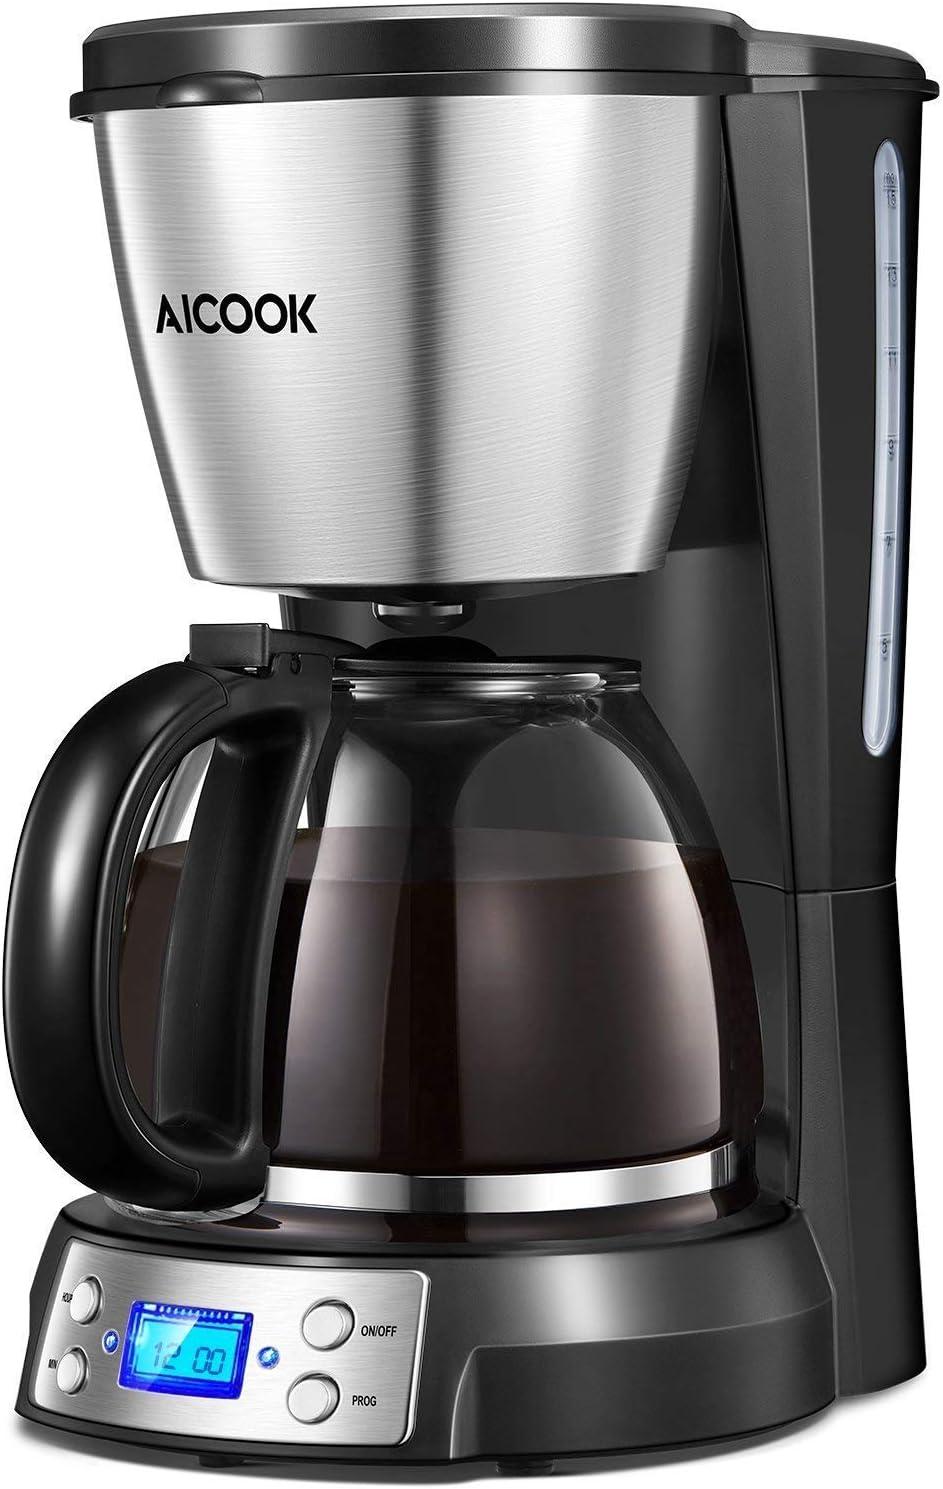 Aicook - Cafetera de Filtro con Jarra de Cristal, Pantalla con Reloj, Aislamiento y Filtro de café Permanente, 12 Tazas, 900 W, depósito de Agua de 1500 ml, Ventana de Agua, Color